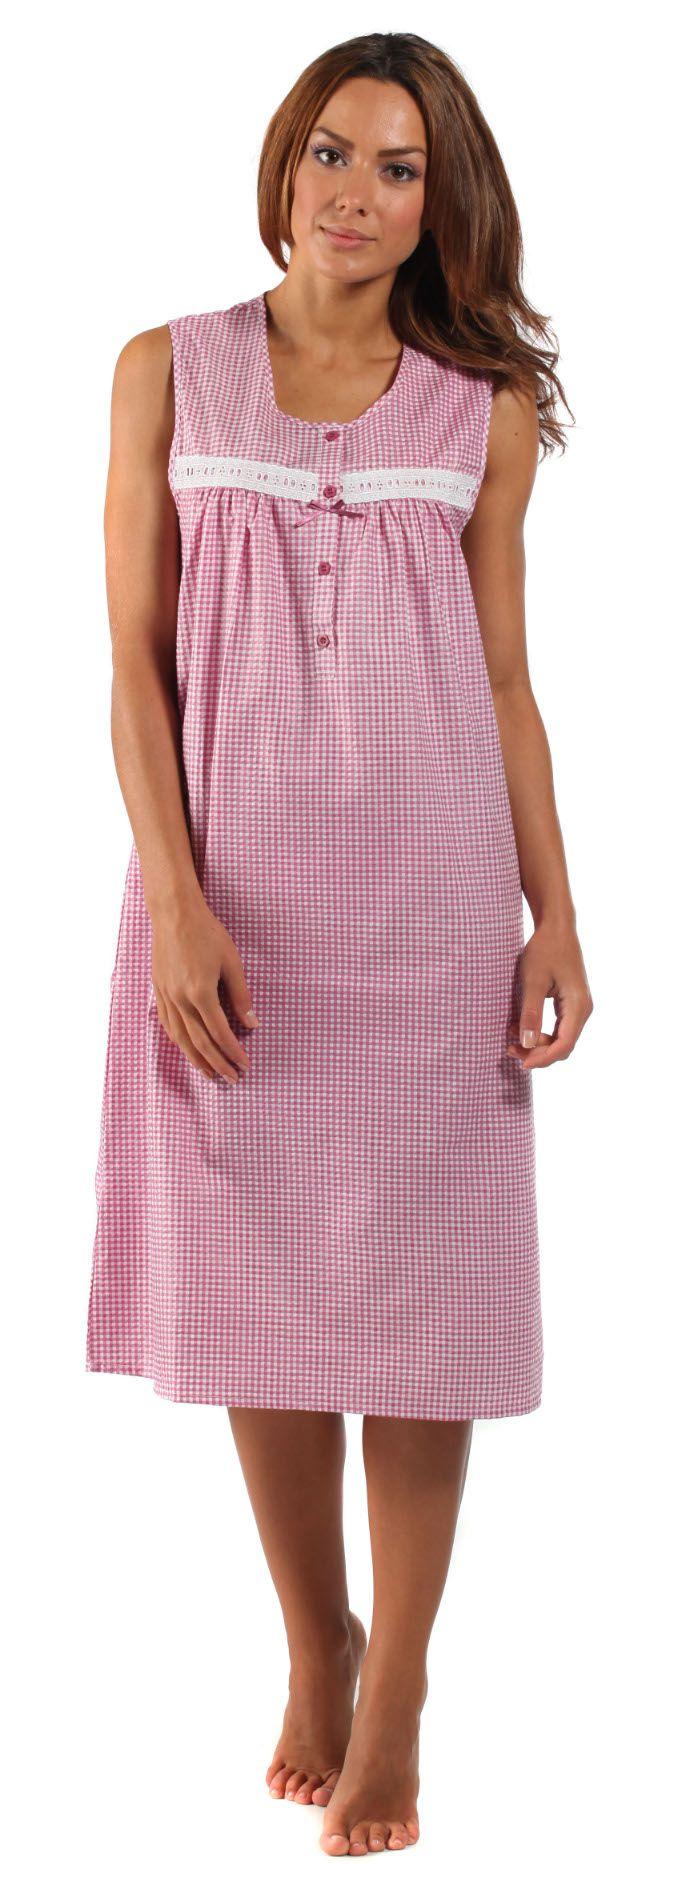 Ladies Nightwear | ... & Accessories > Women's Clothing > Lingerie & Nightwear > Nightwear